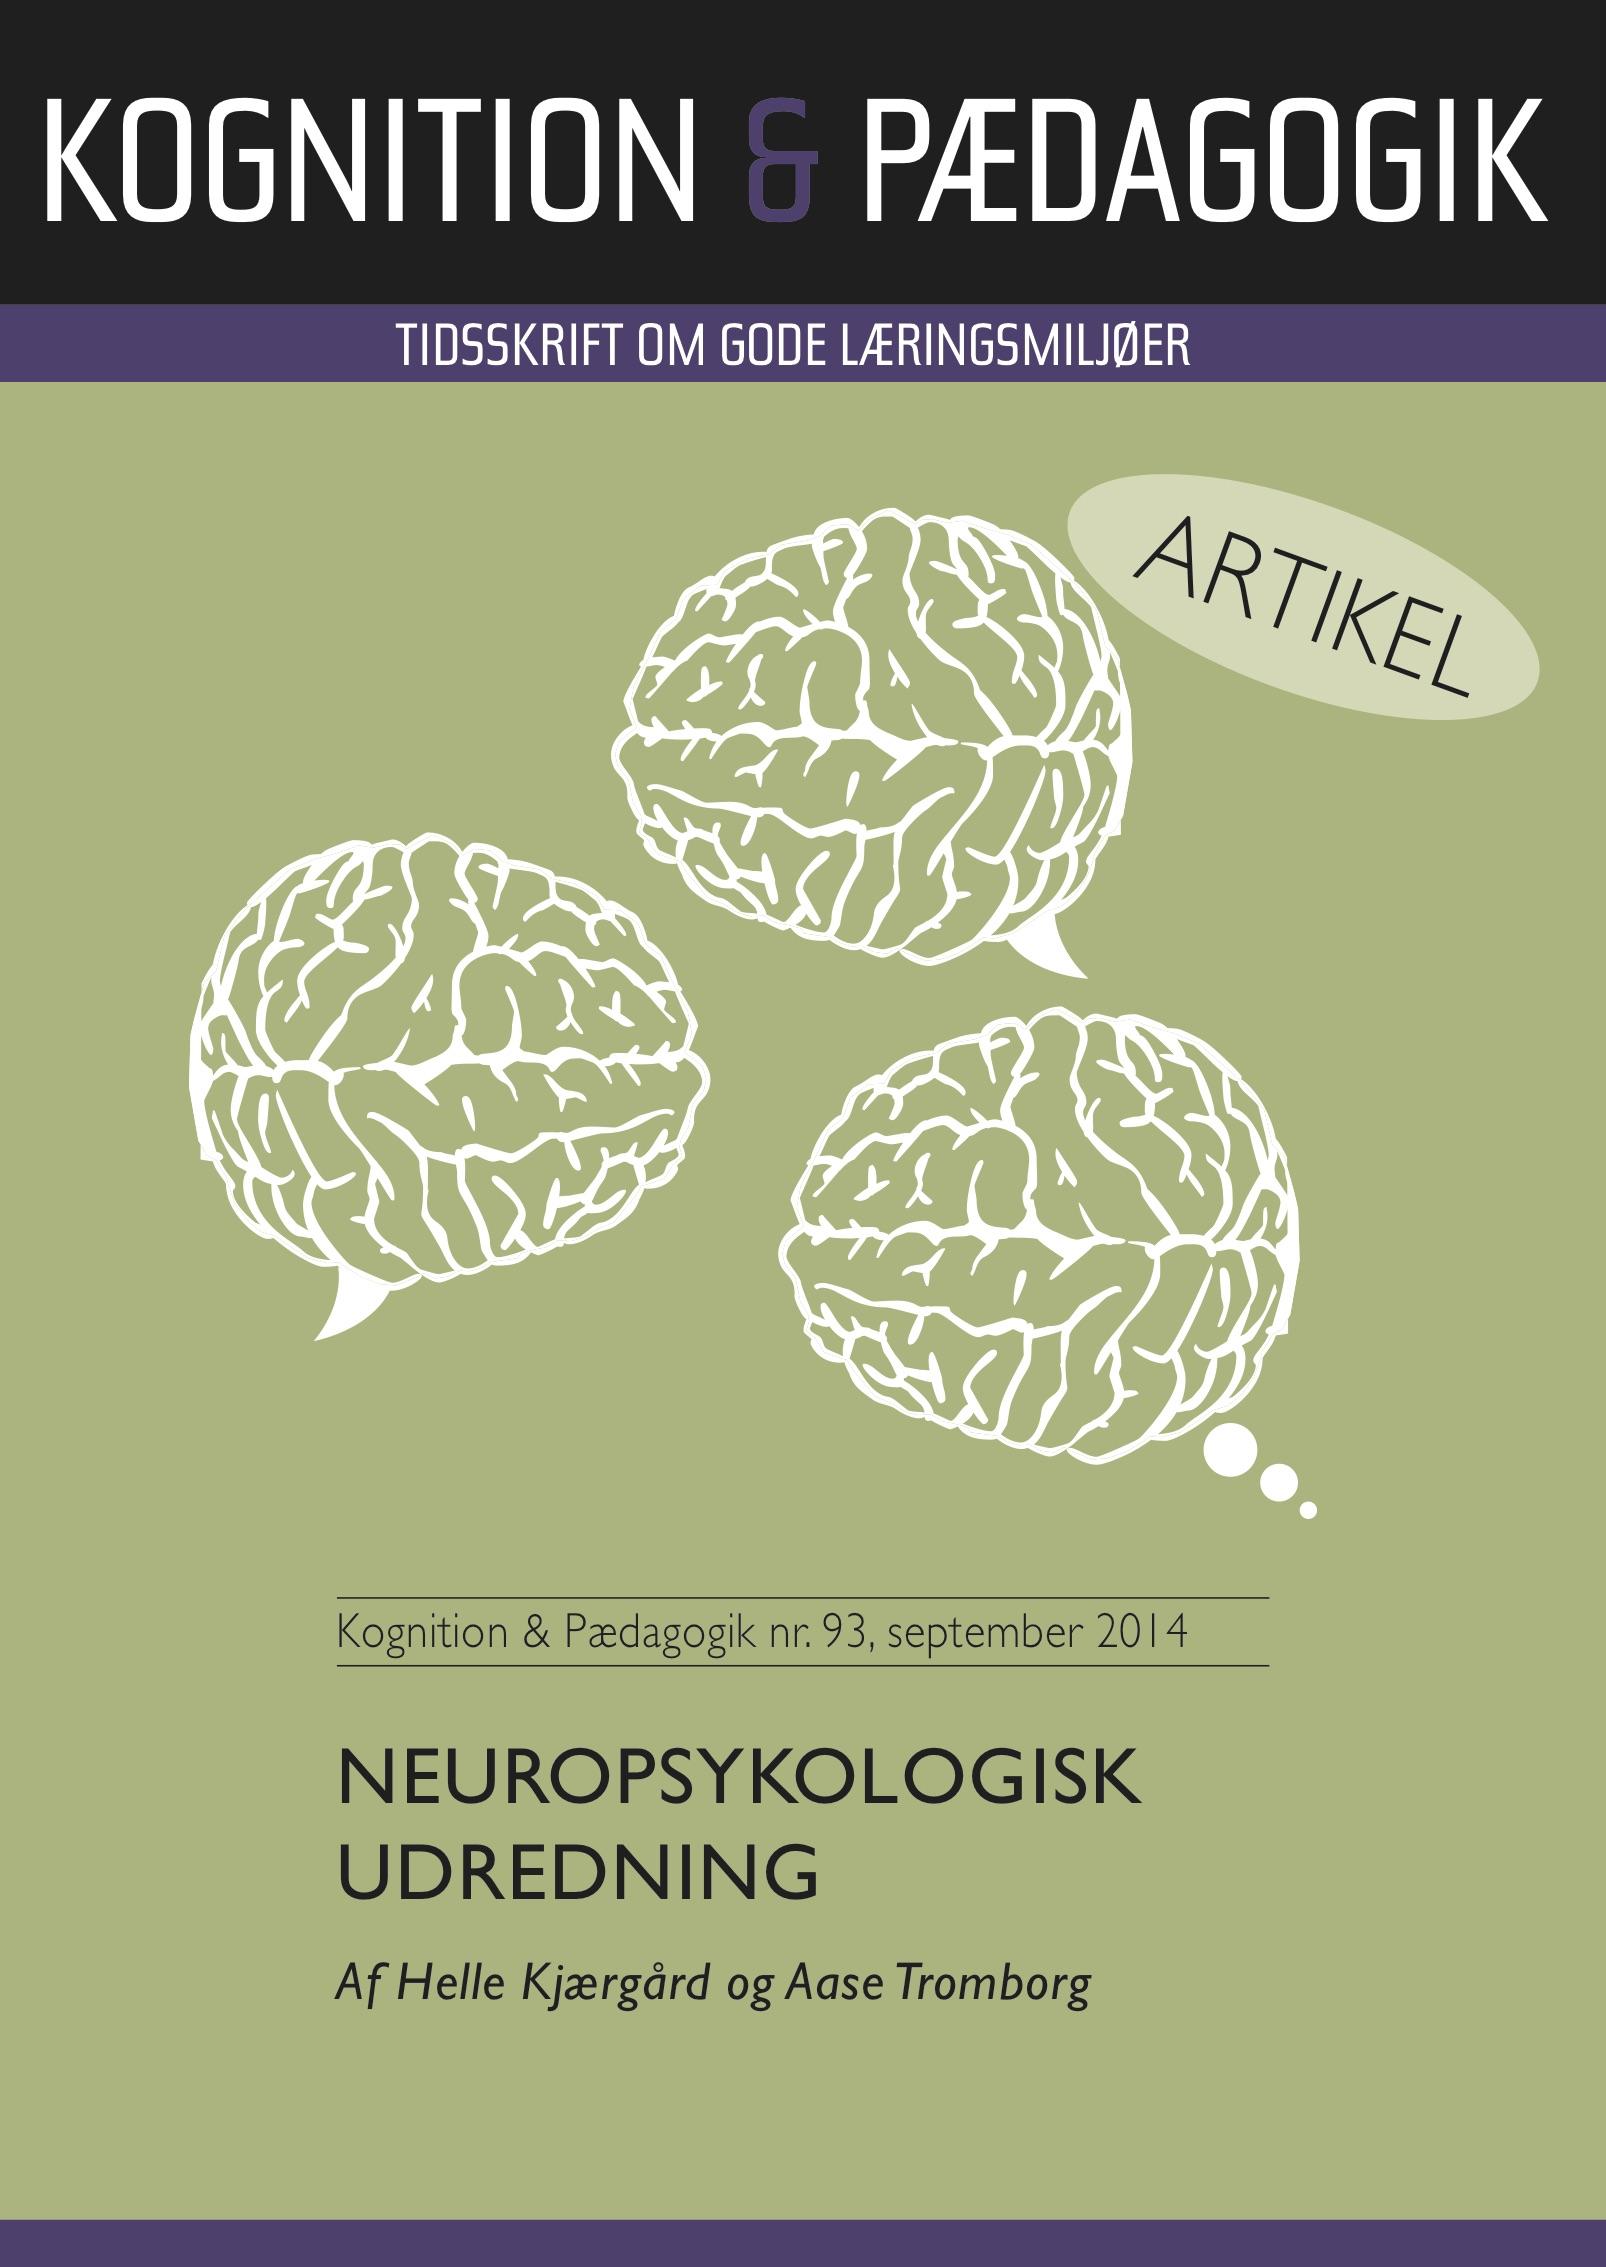 N/A Neuropsykologisk udredning - e-bog fra bog & mystik